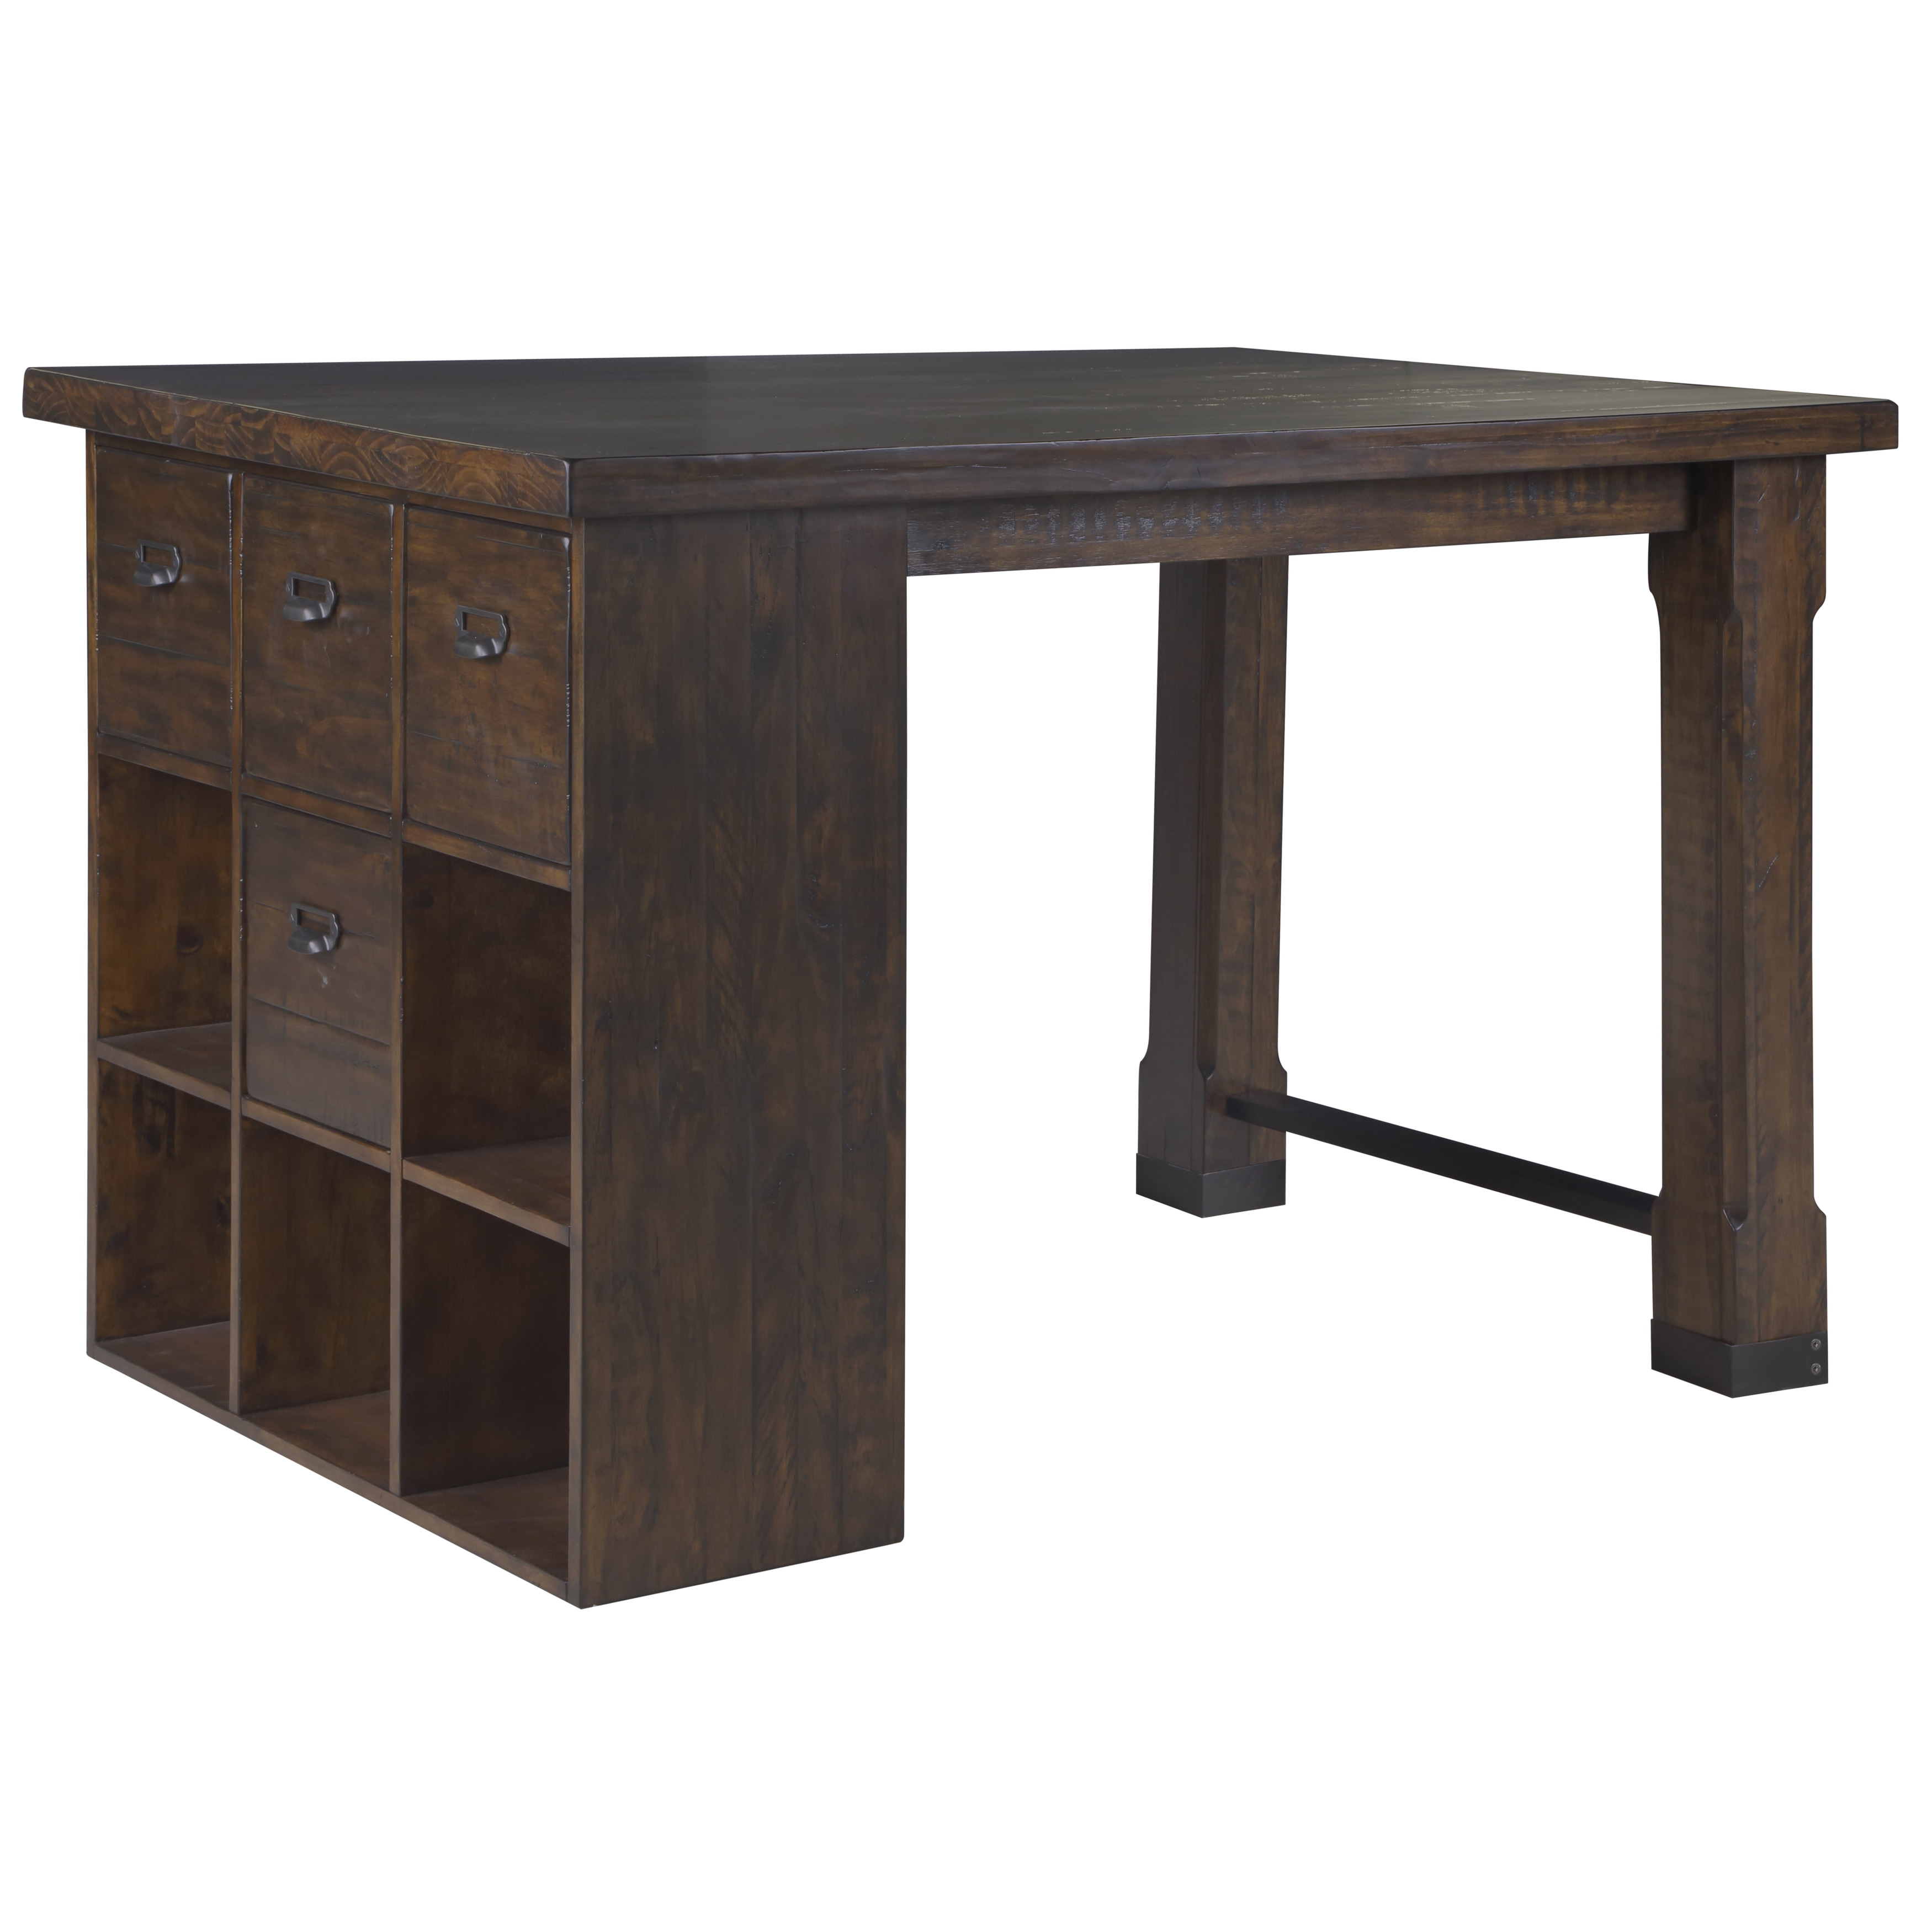 en monarch desk buy canada natural best corner ca product drawer i drawers desks workstations